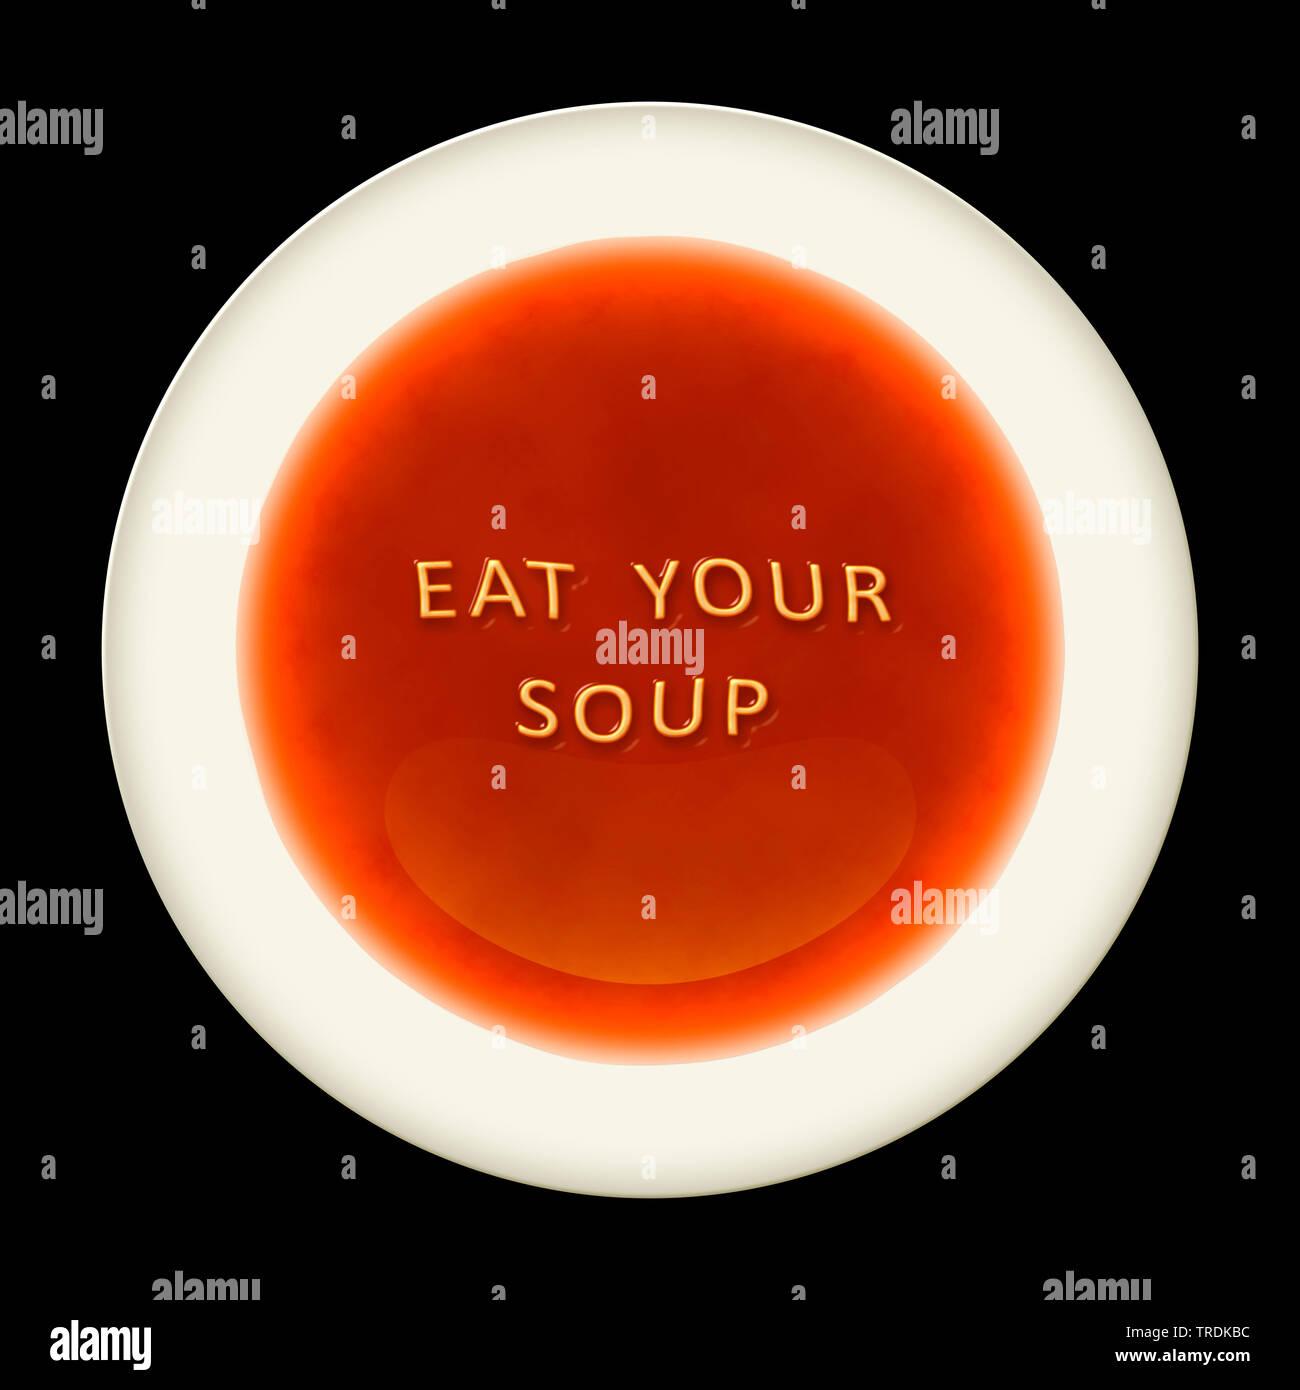 3D-Computergrafik, symbolizierter Teller mit Tomatensuppe und Aufschrift ESSEN SIE IHRE SUPPE (Esse Deine Suppe), Europa | 3D Computer Grafik, symbolische Plat Stockbild